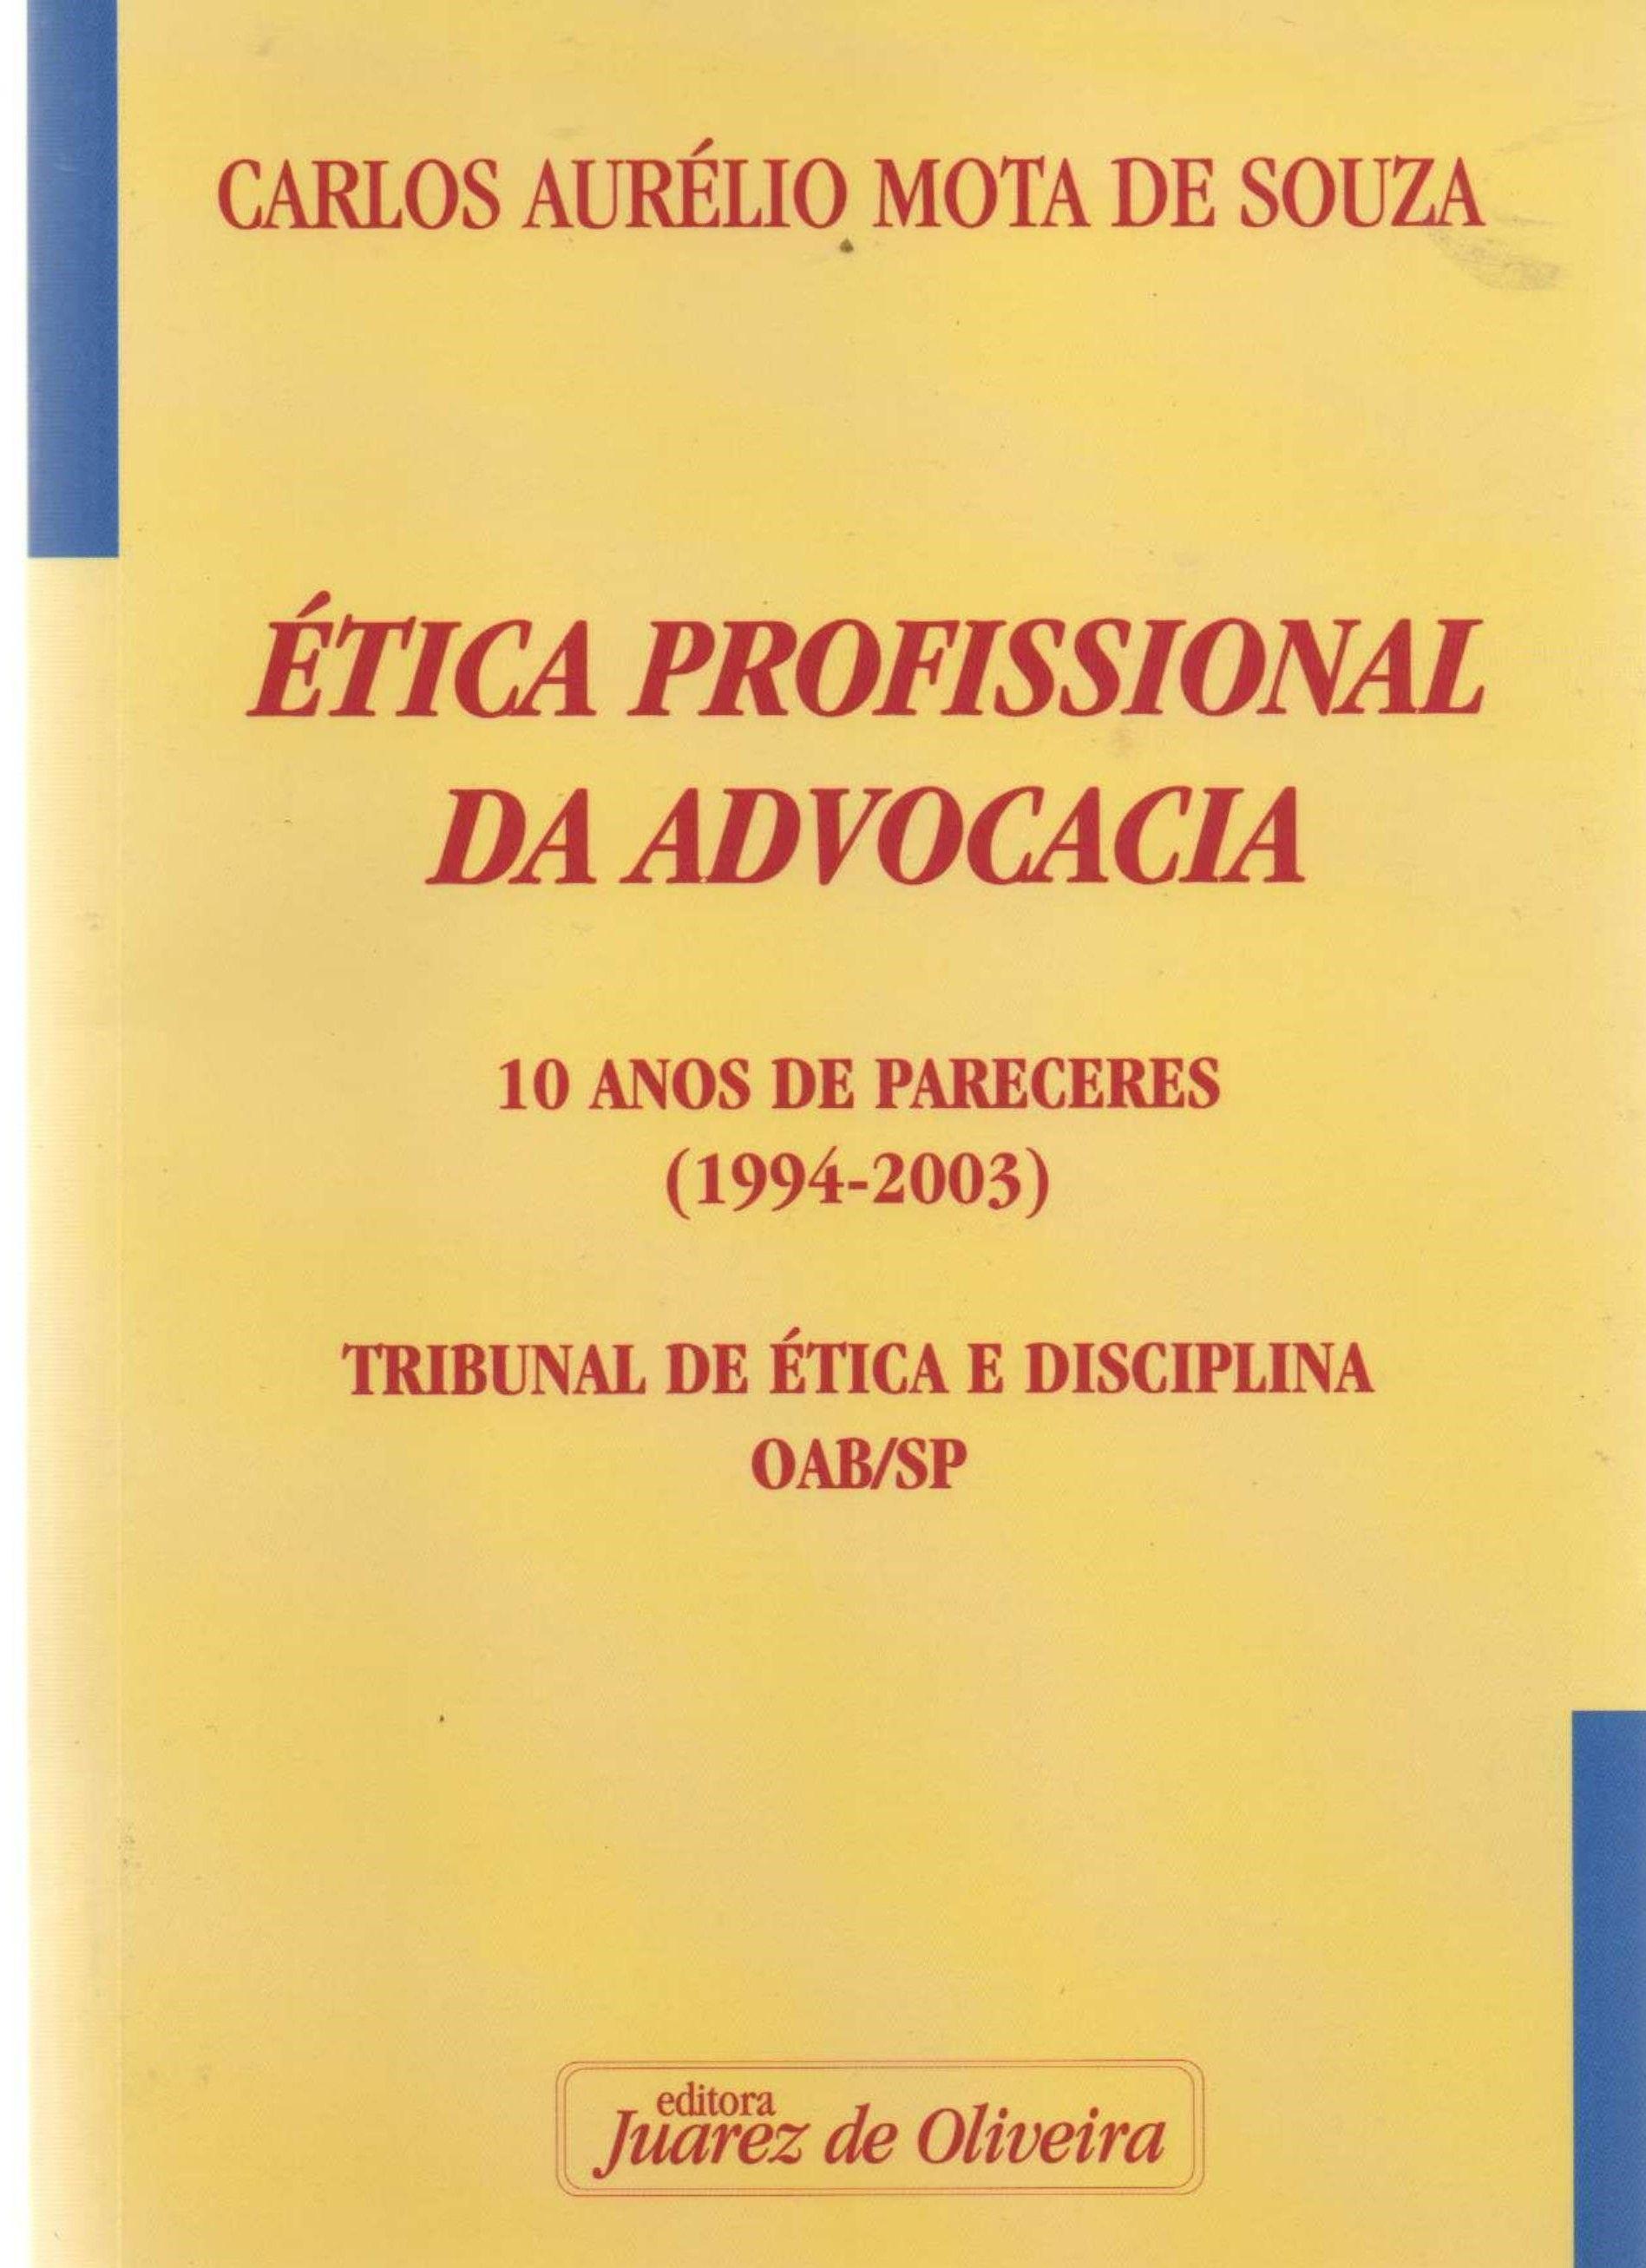 Ética Profissional da Advocacia. 10 Anos de Pareceres no Tribunal de Ética da OAB.